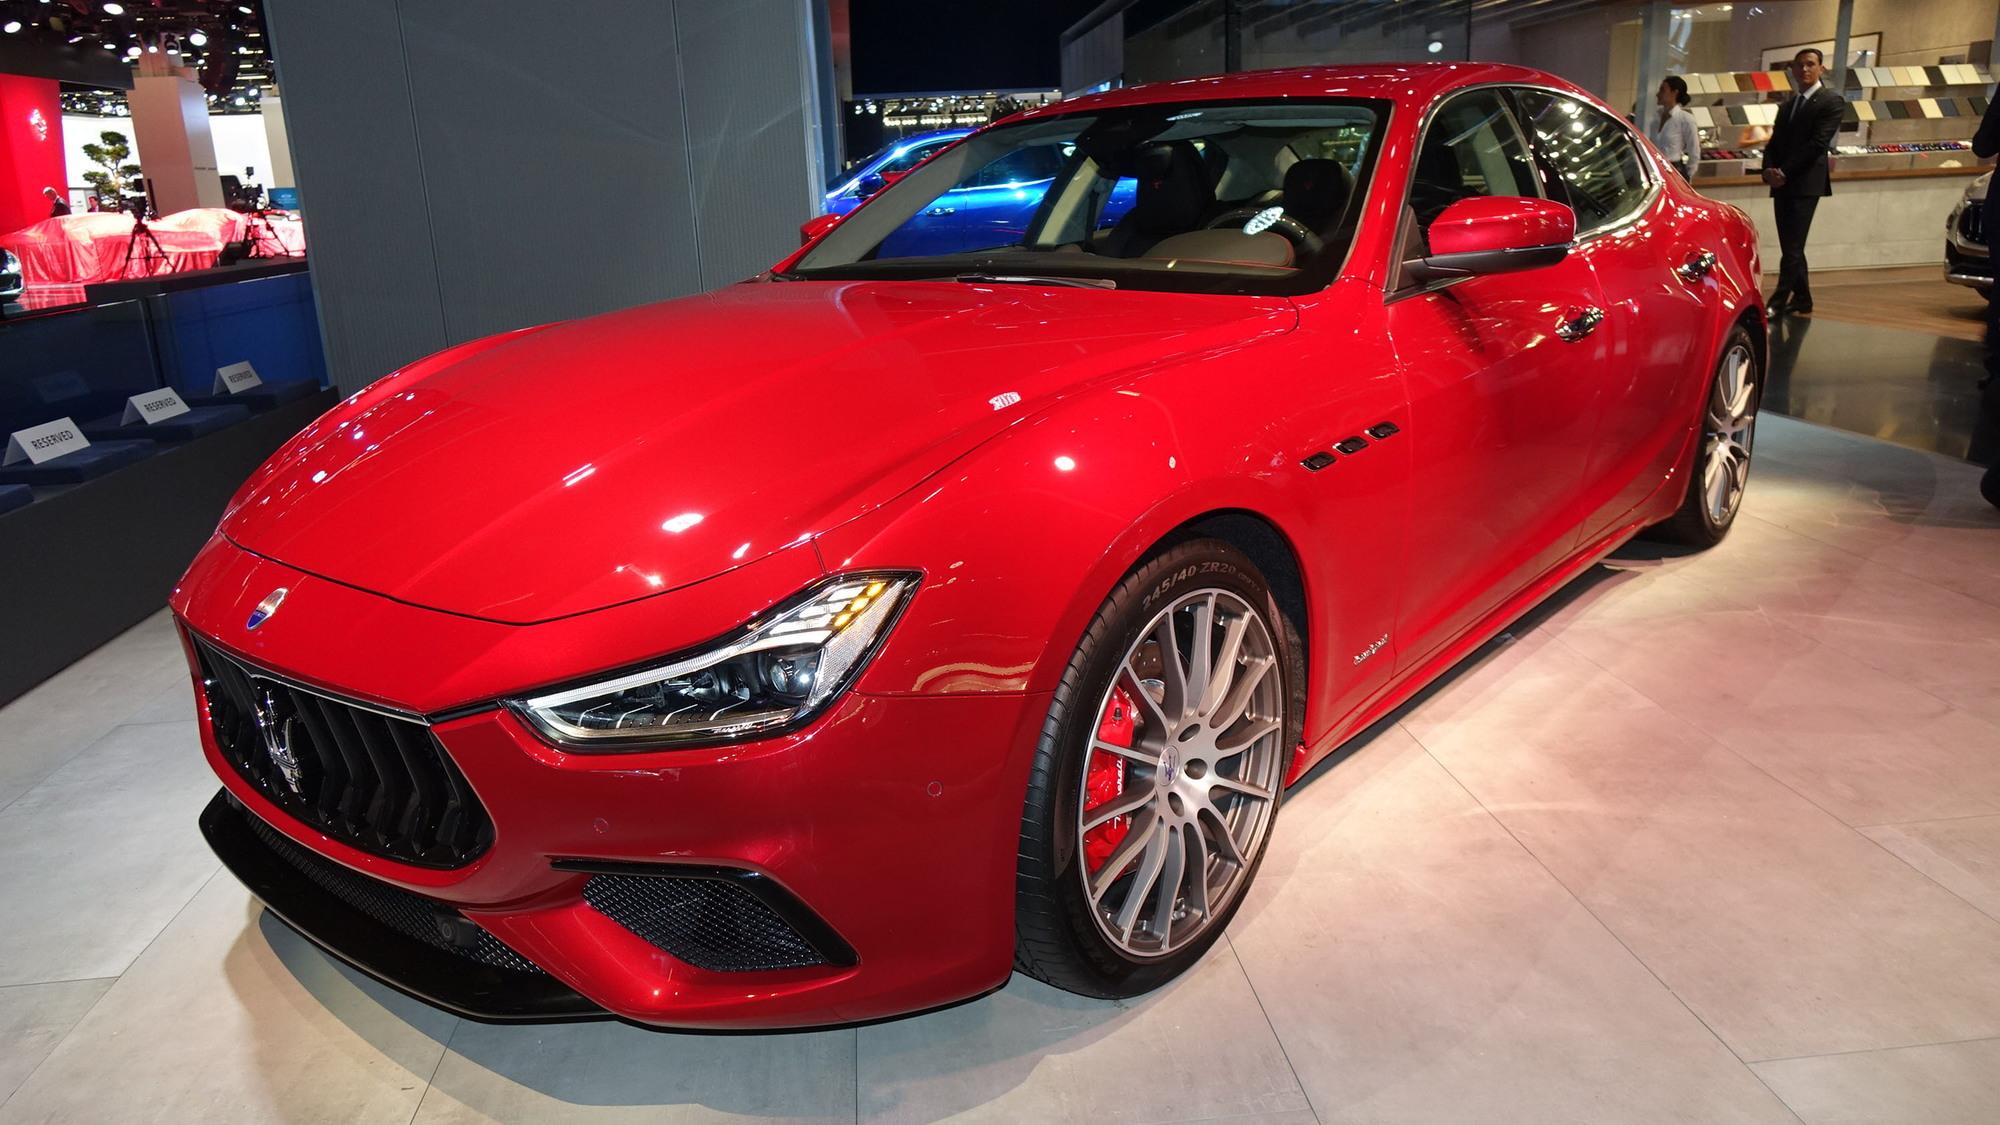 2018 Maserati Ghibli, 2017 Frankfurt Motor Show